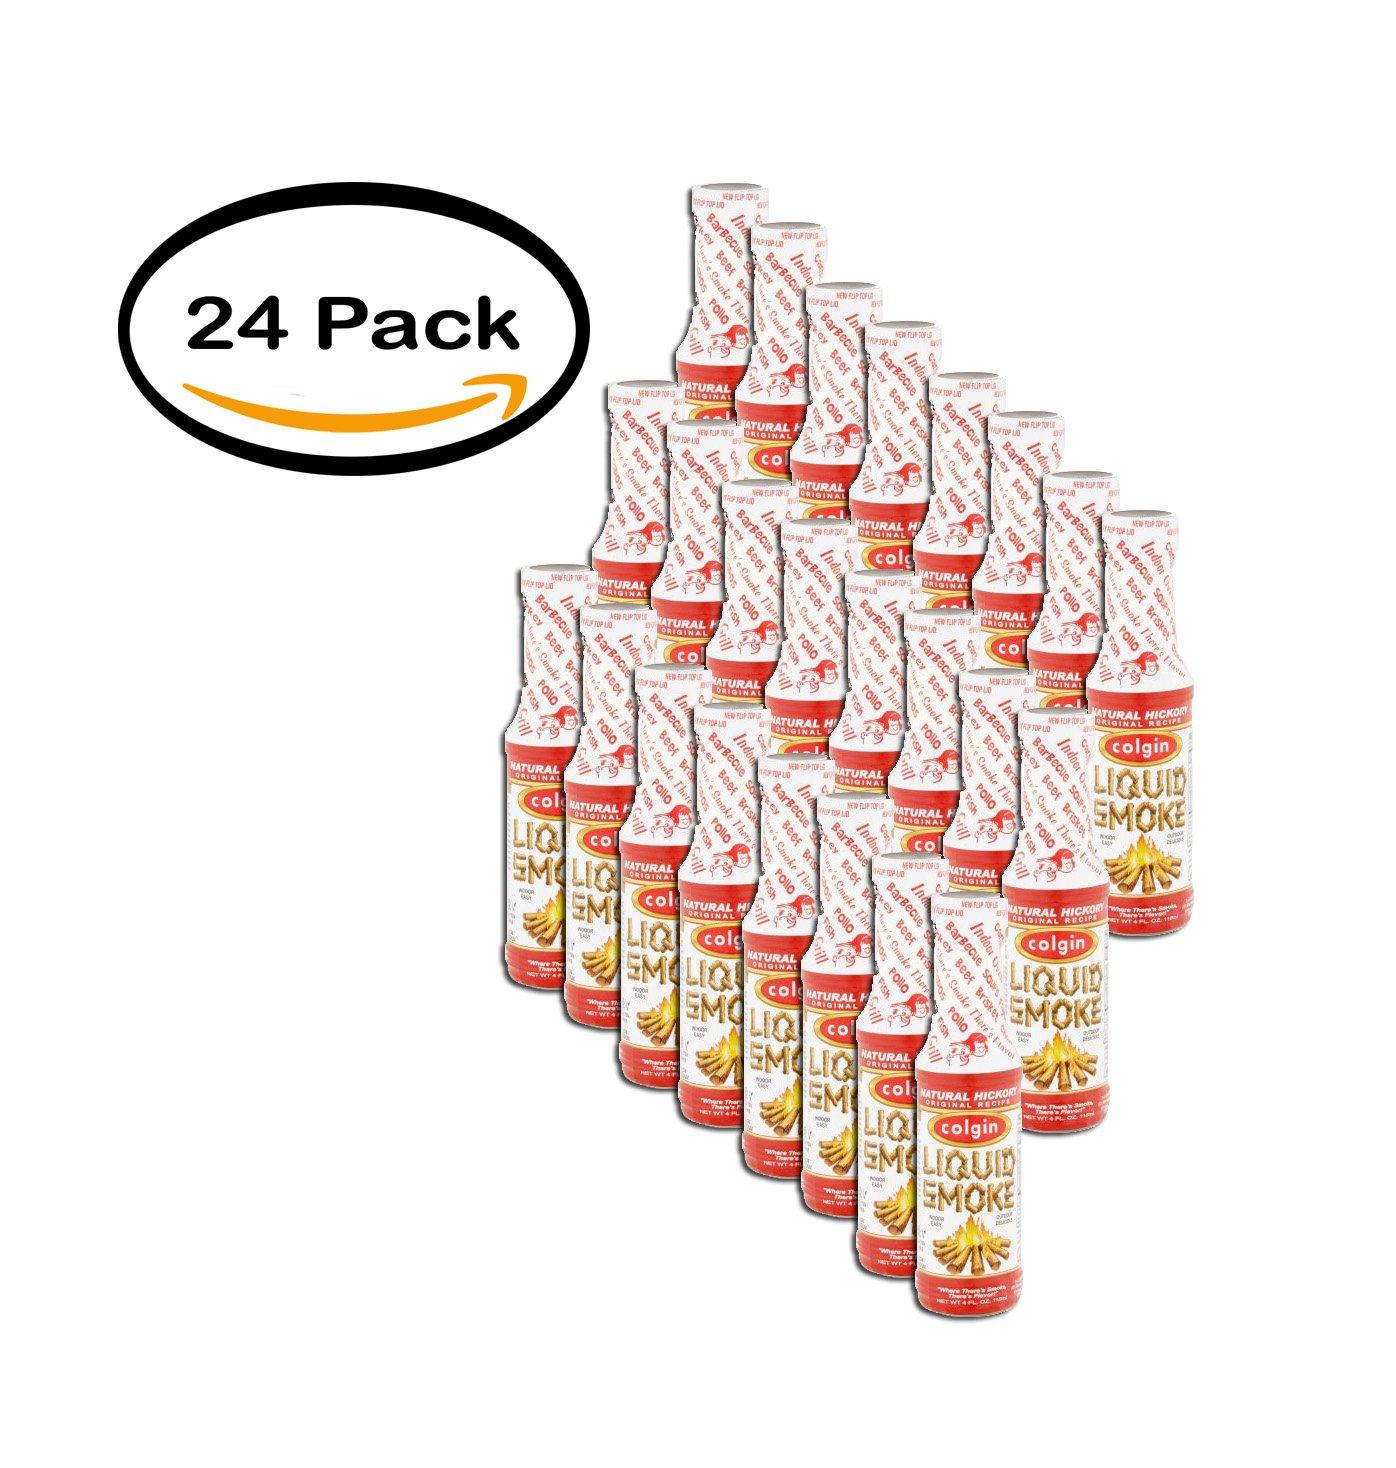 PACK OF 24 - Colgin Natural Hickory Liquid Smoke, 4 fl oz